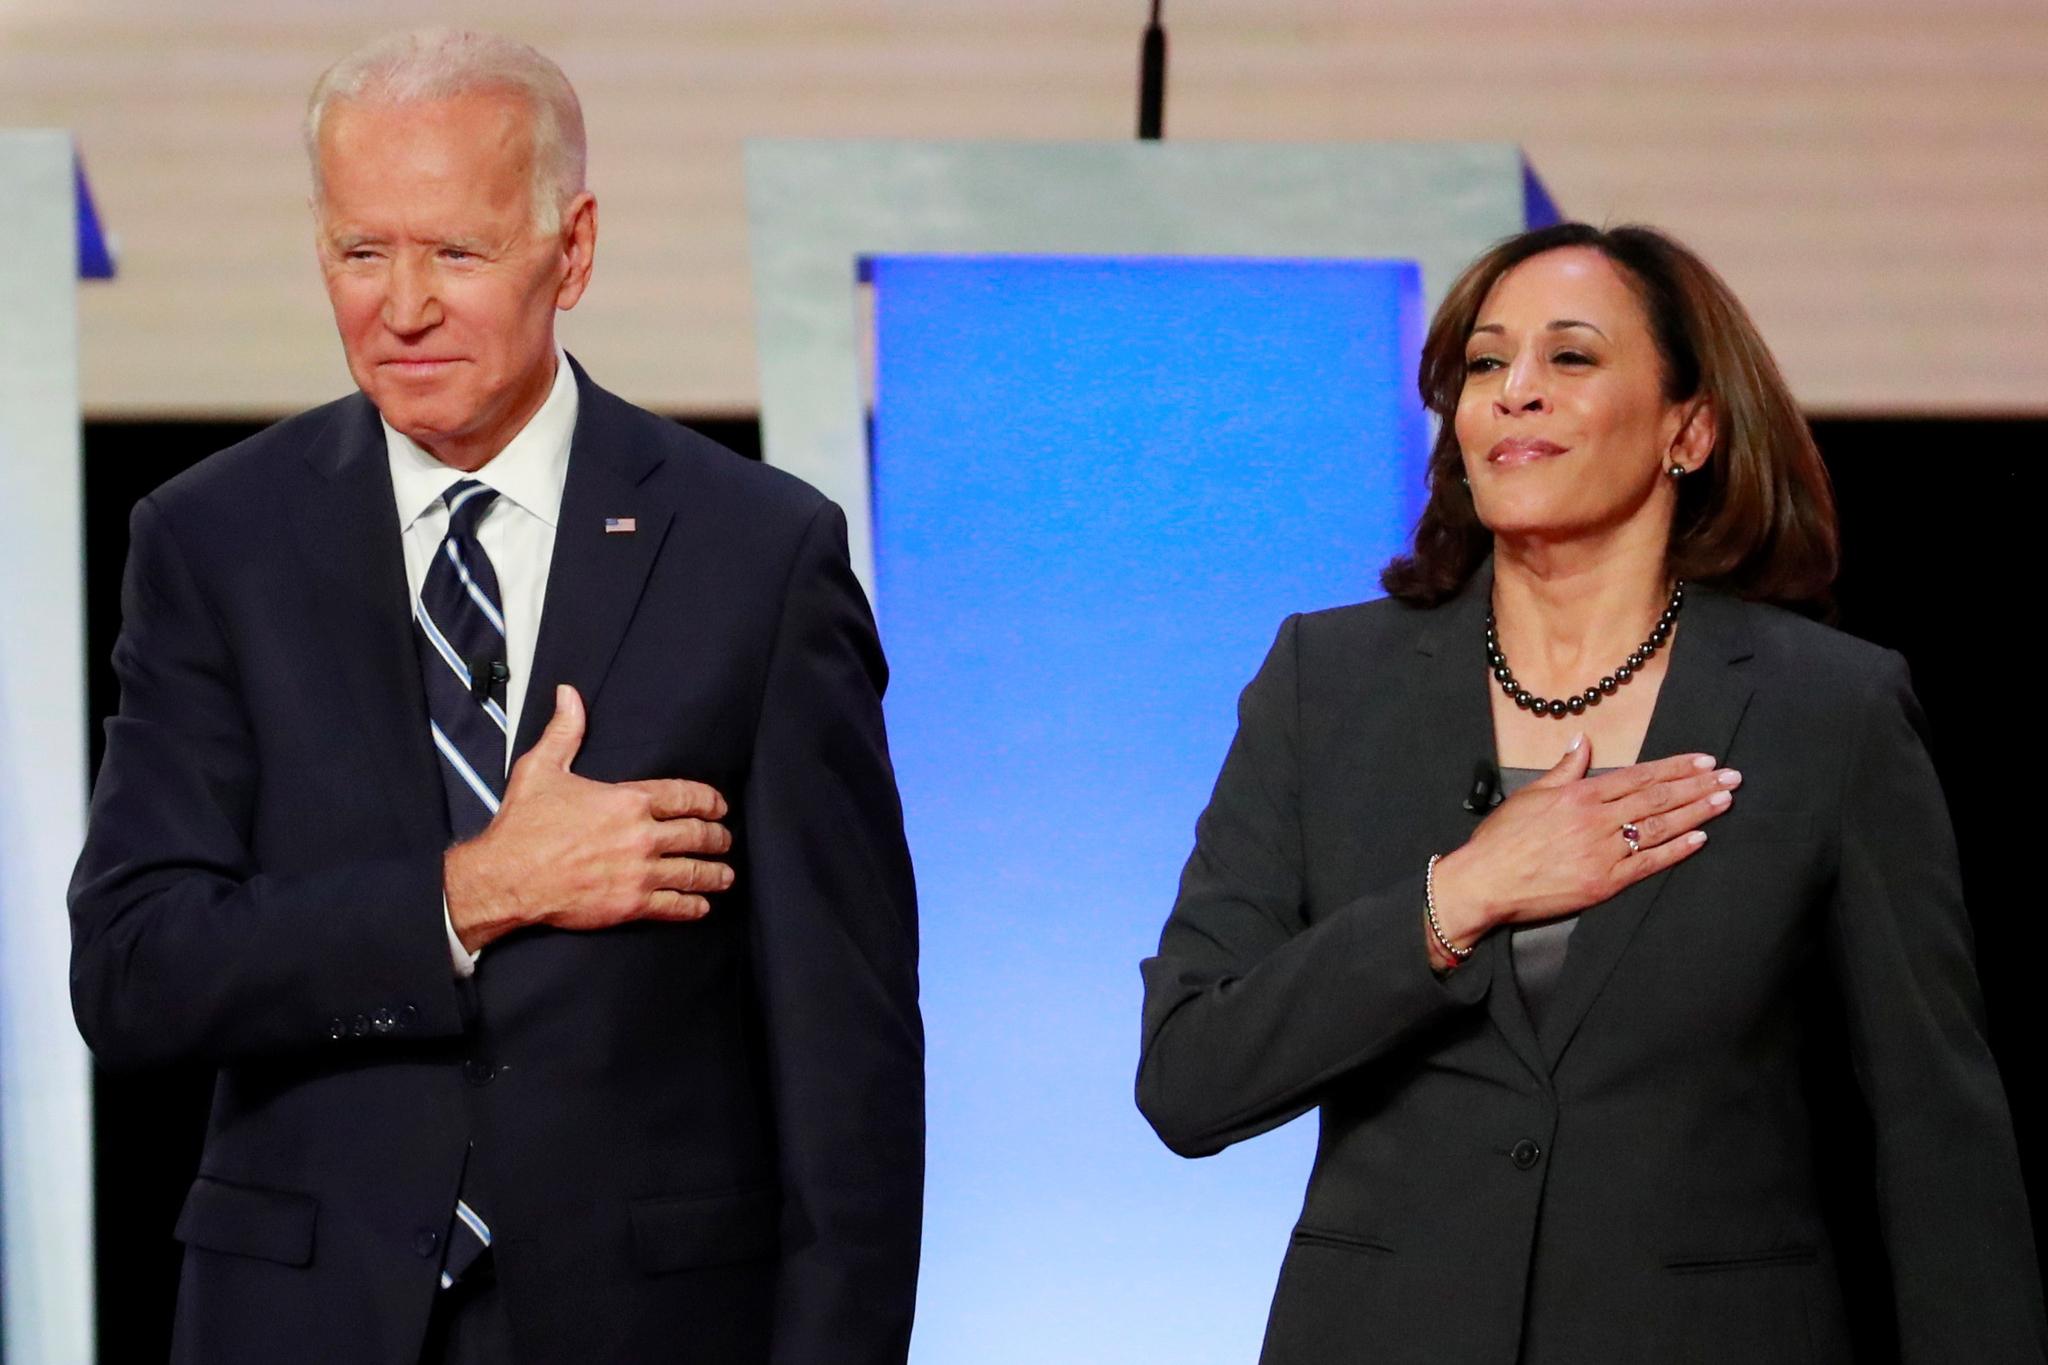 지난 해 민주당 대선후보 토론에 나선 조 바이든 전 부통령(왼쪽)과 카멀라 해리스 상원의원. 이때는 해리스 의원이 바이든 전 부통령을 저격하는 입장이었다. 로이터=연합뉴스